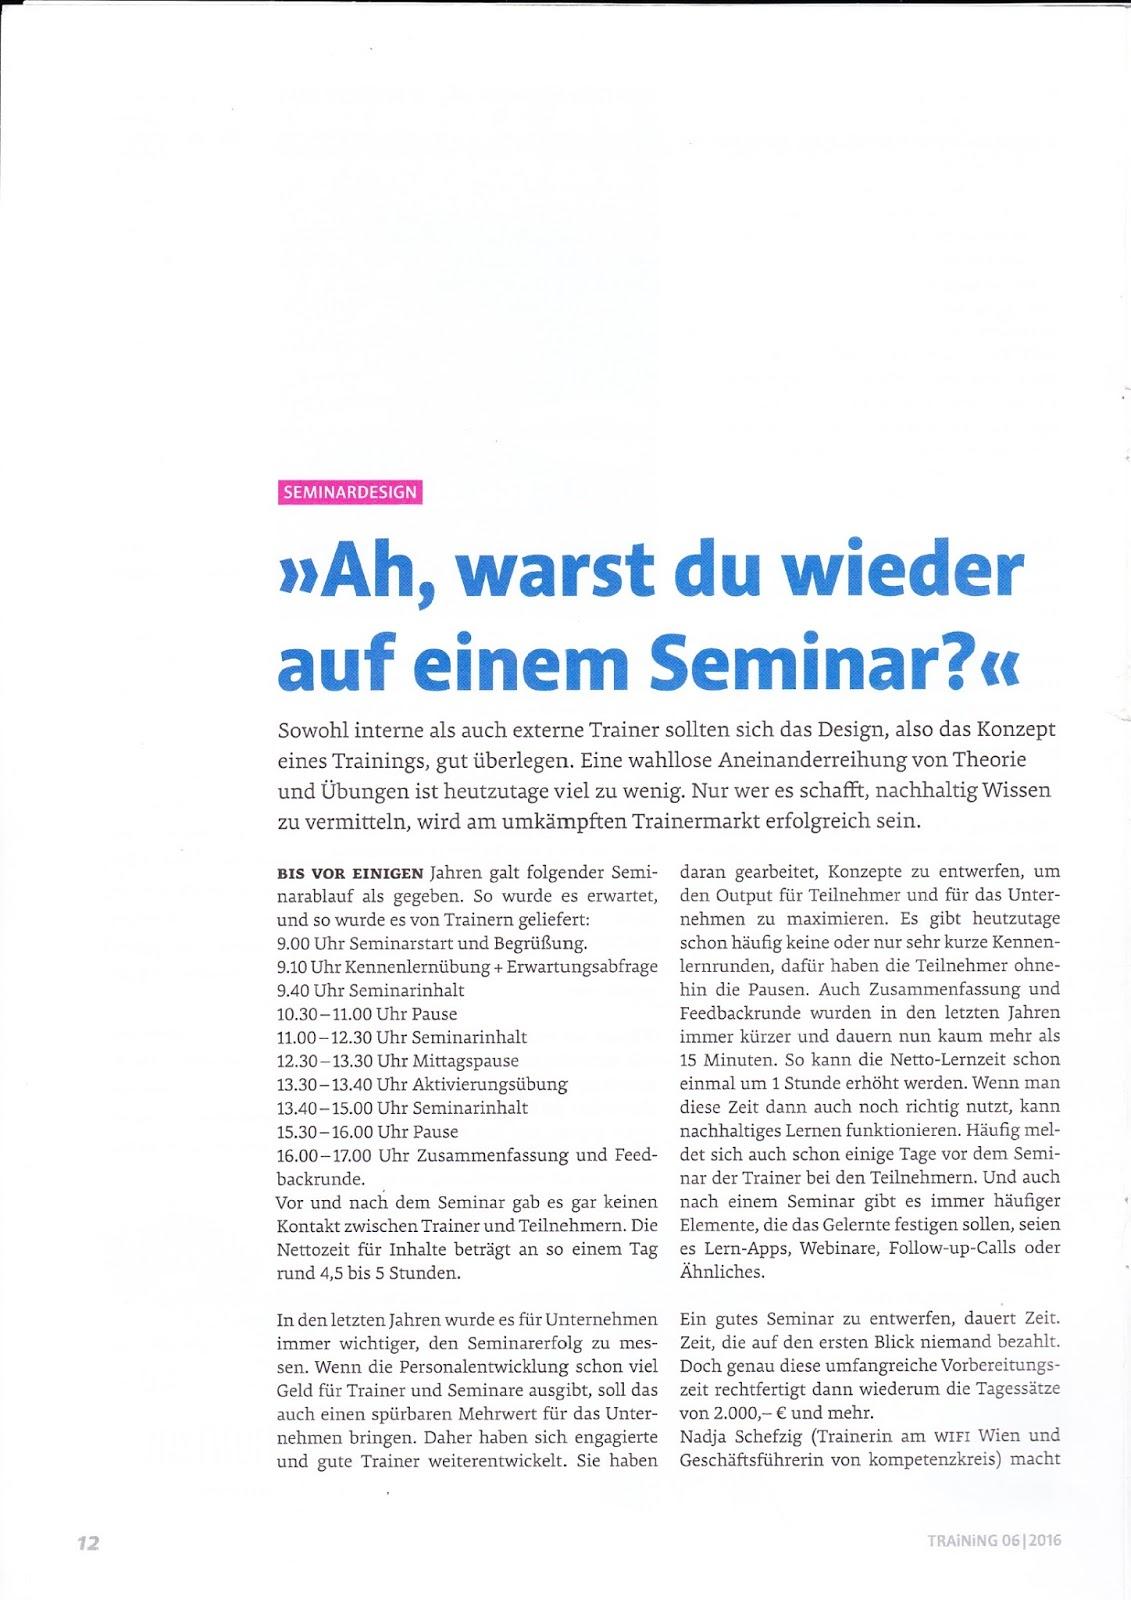 Beste Kinderbetreuung Stichproben Fortsetzen Galerie - Beispiel ...